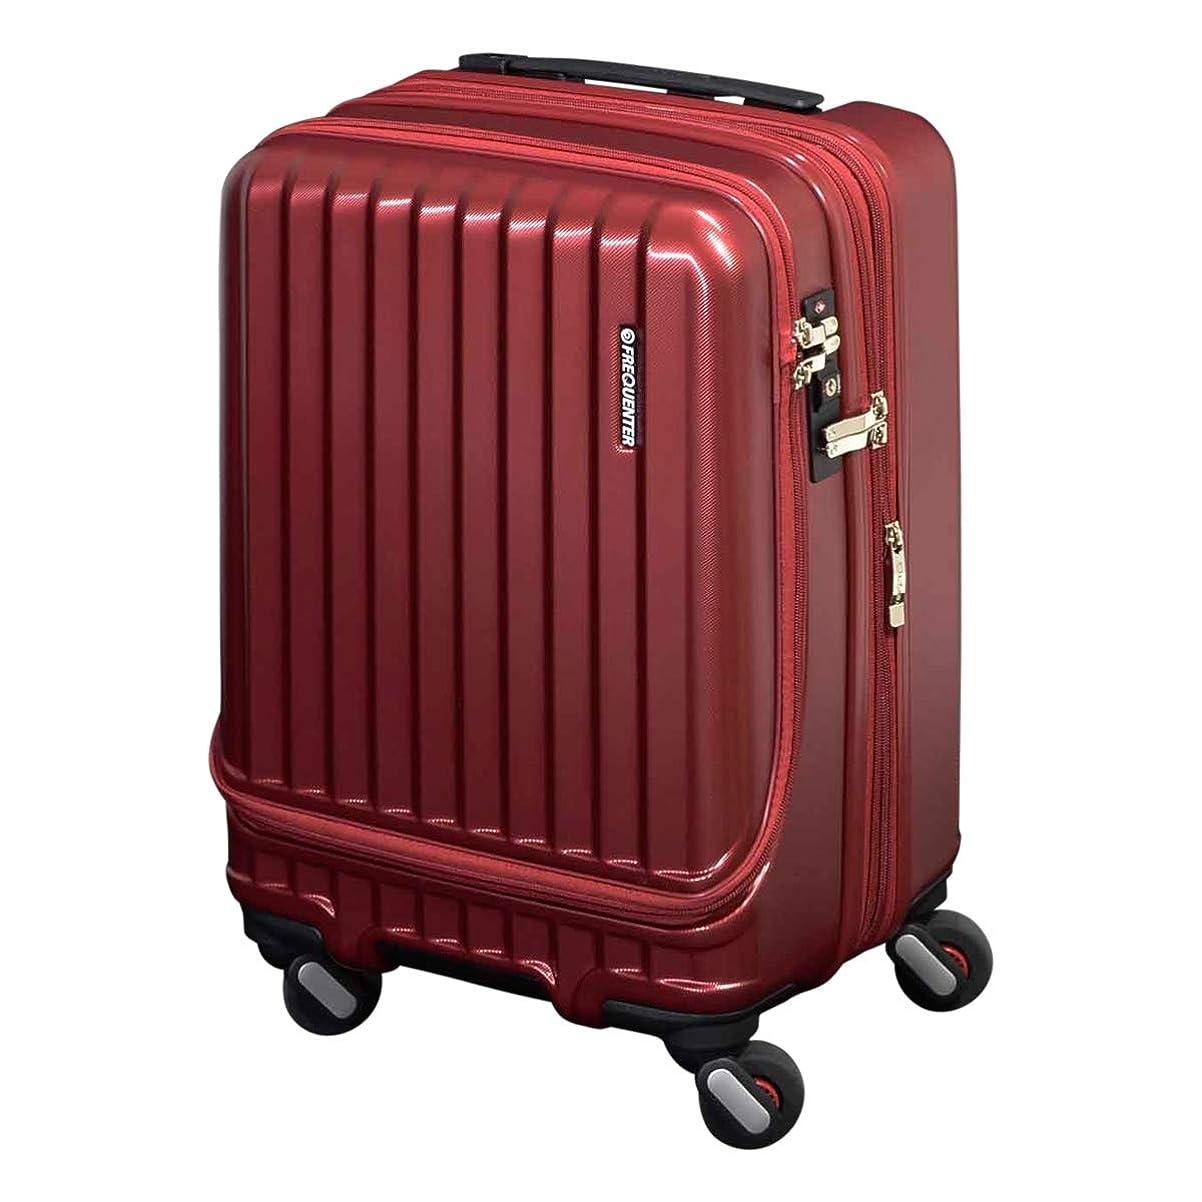 正確な哲学博士時間[フリクエンター] スーツケース マーリエ 機内持込可 34L/39L 46cm 3.7kg 1-282